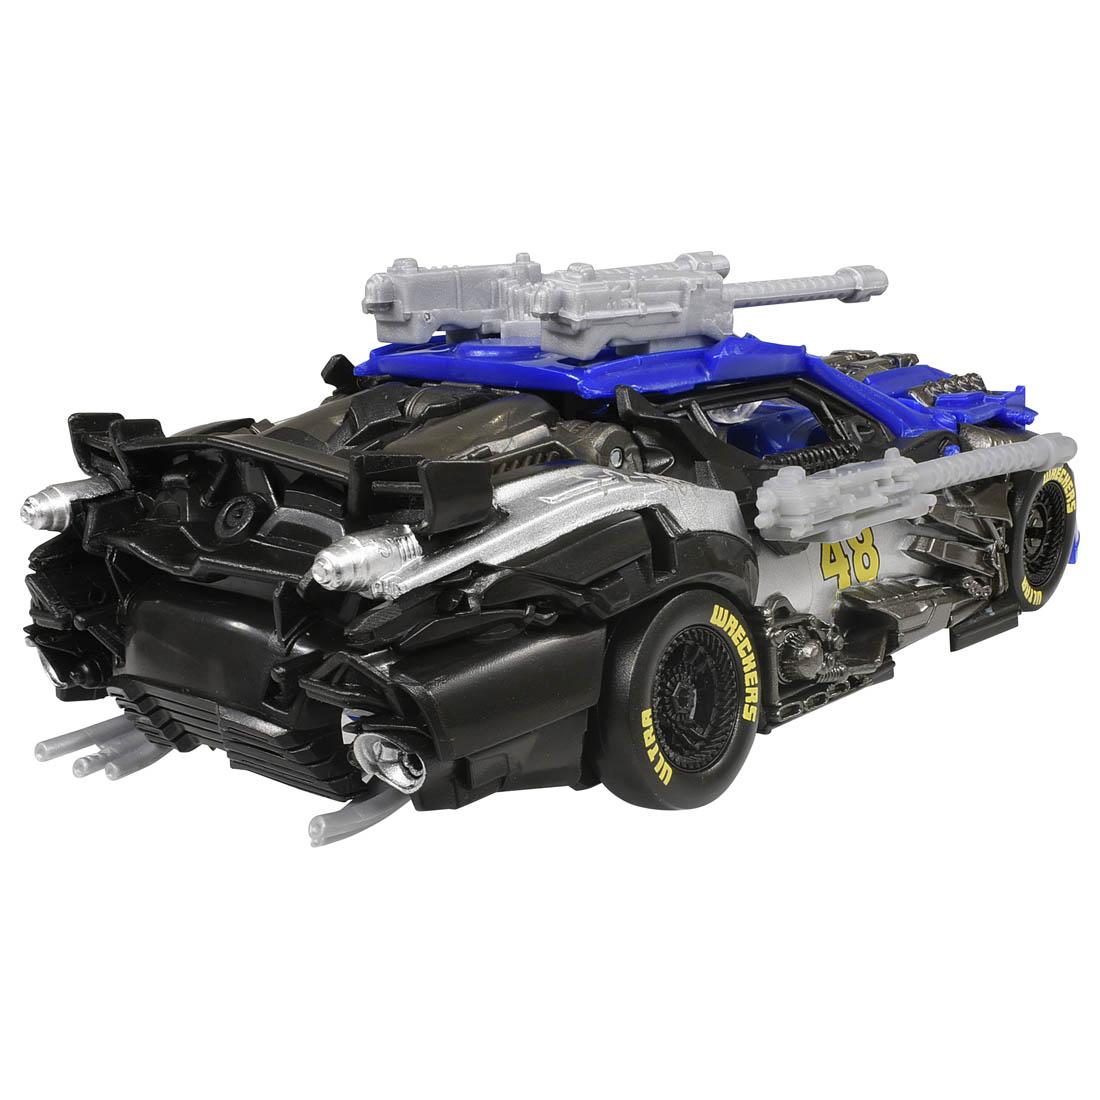 スタジオシリーズ『SS-56 オートボットトップスピン』トランスフォーマー 可変可動フィギュア-004